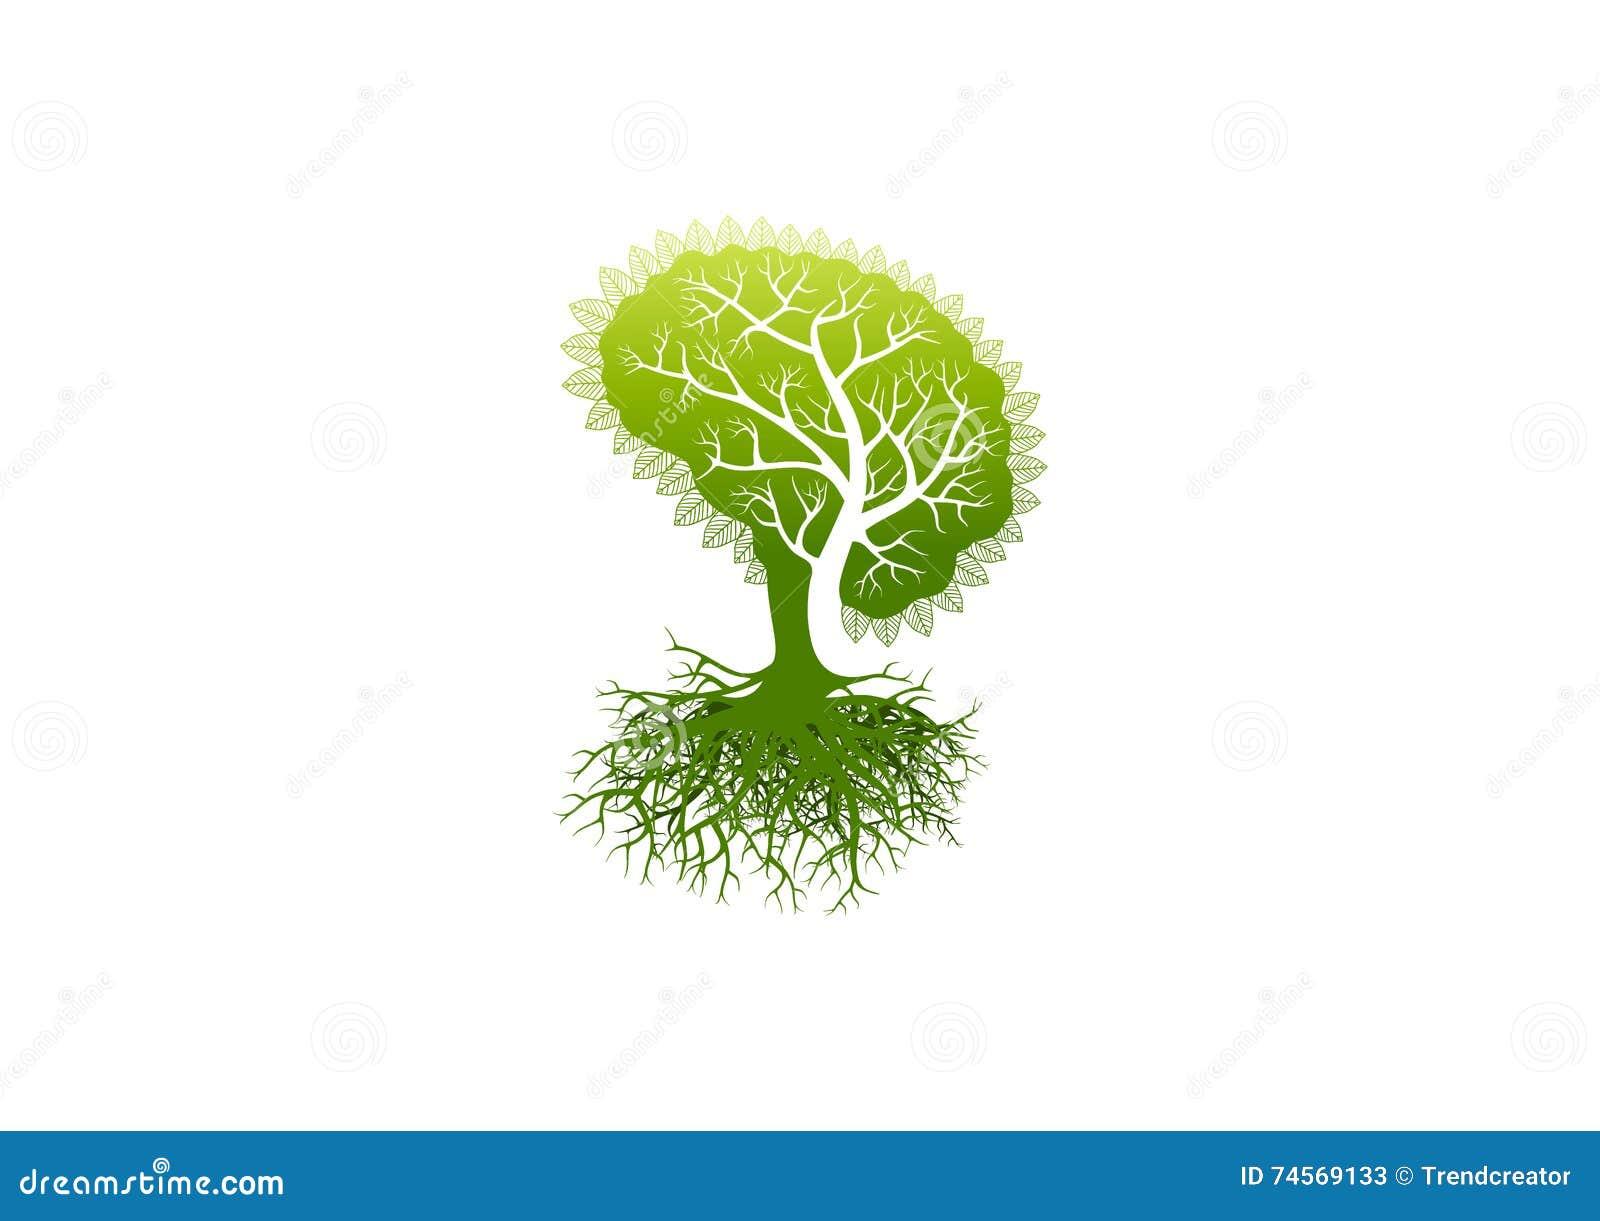 Logotipo del cerebro, icono del símbolo de Alzheimer, diseño de concepto sano de la psicología